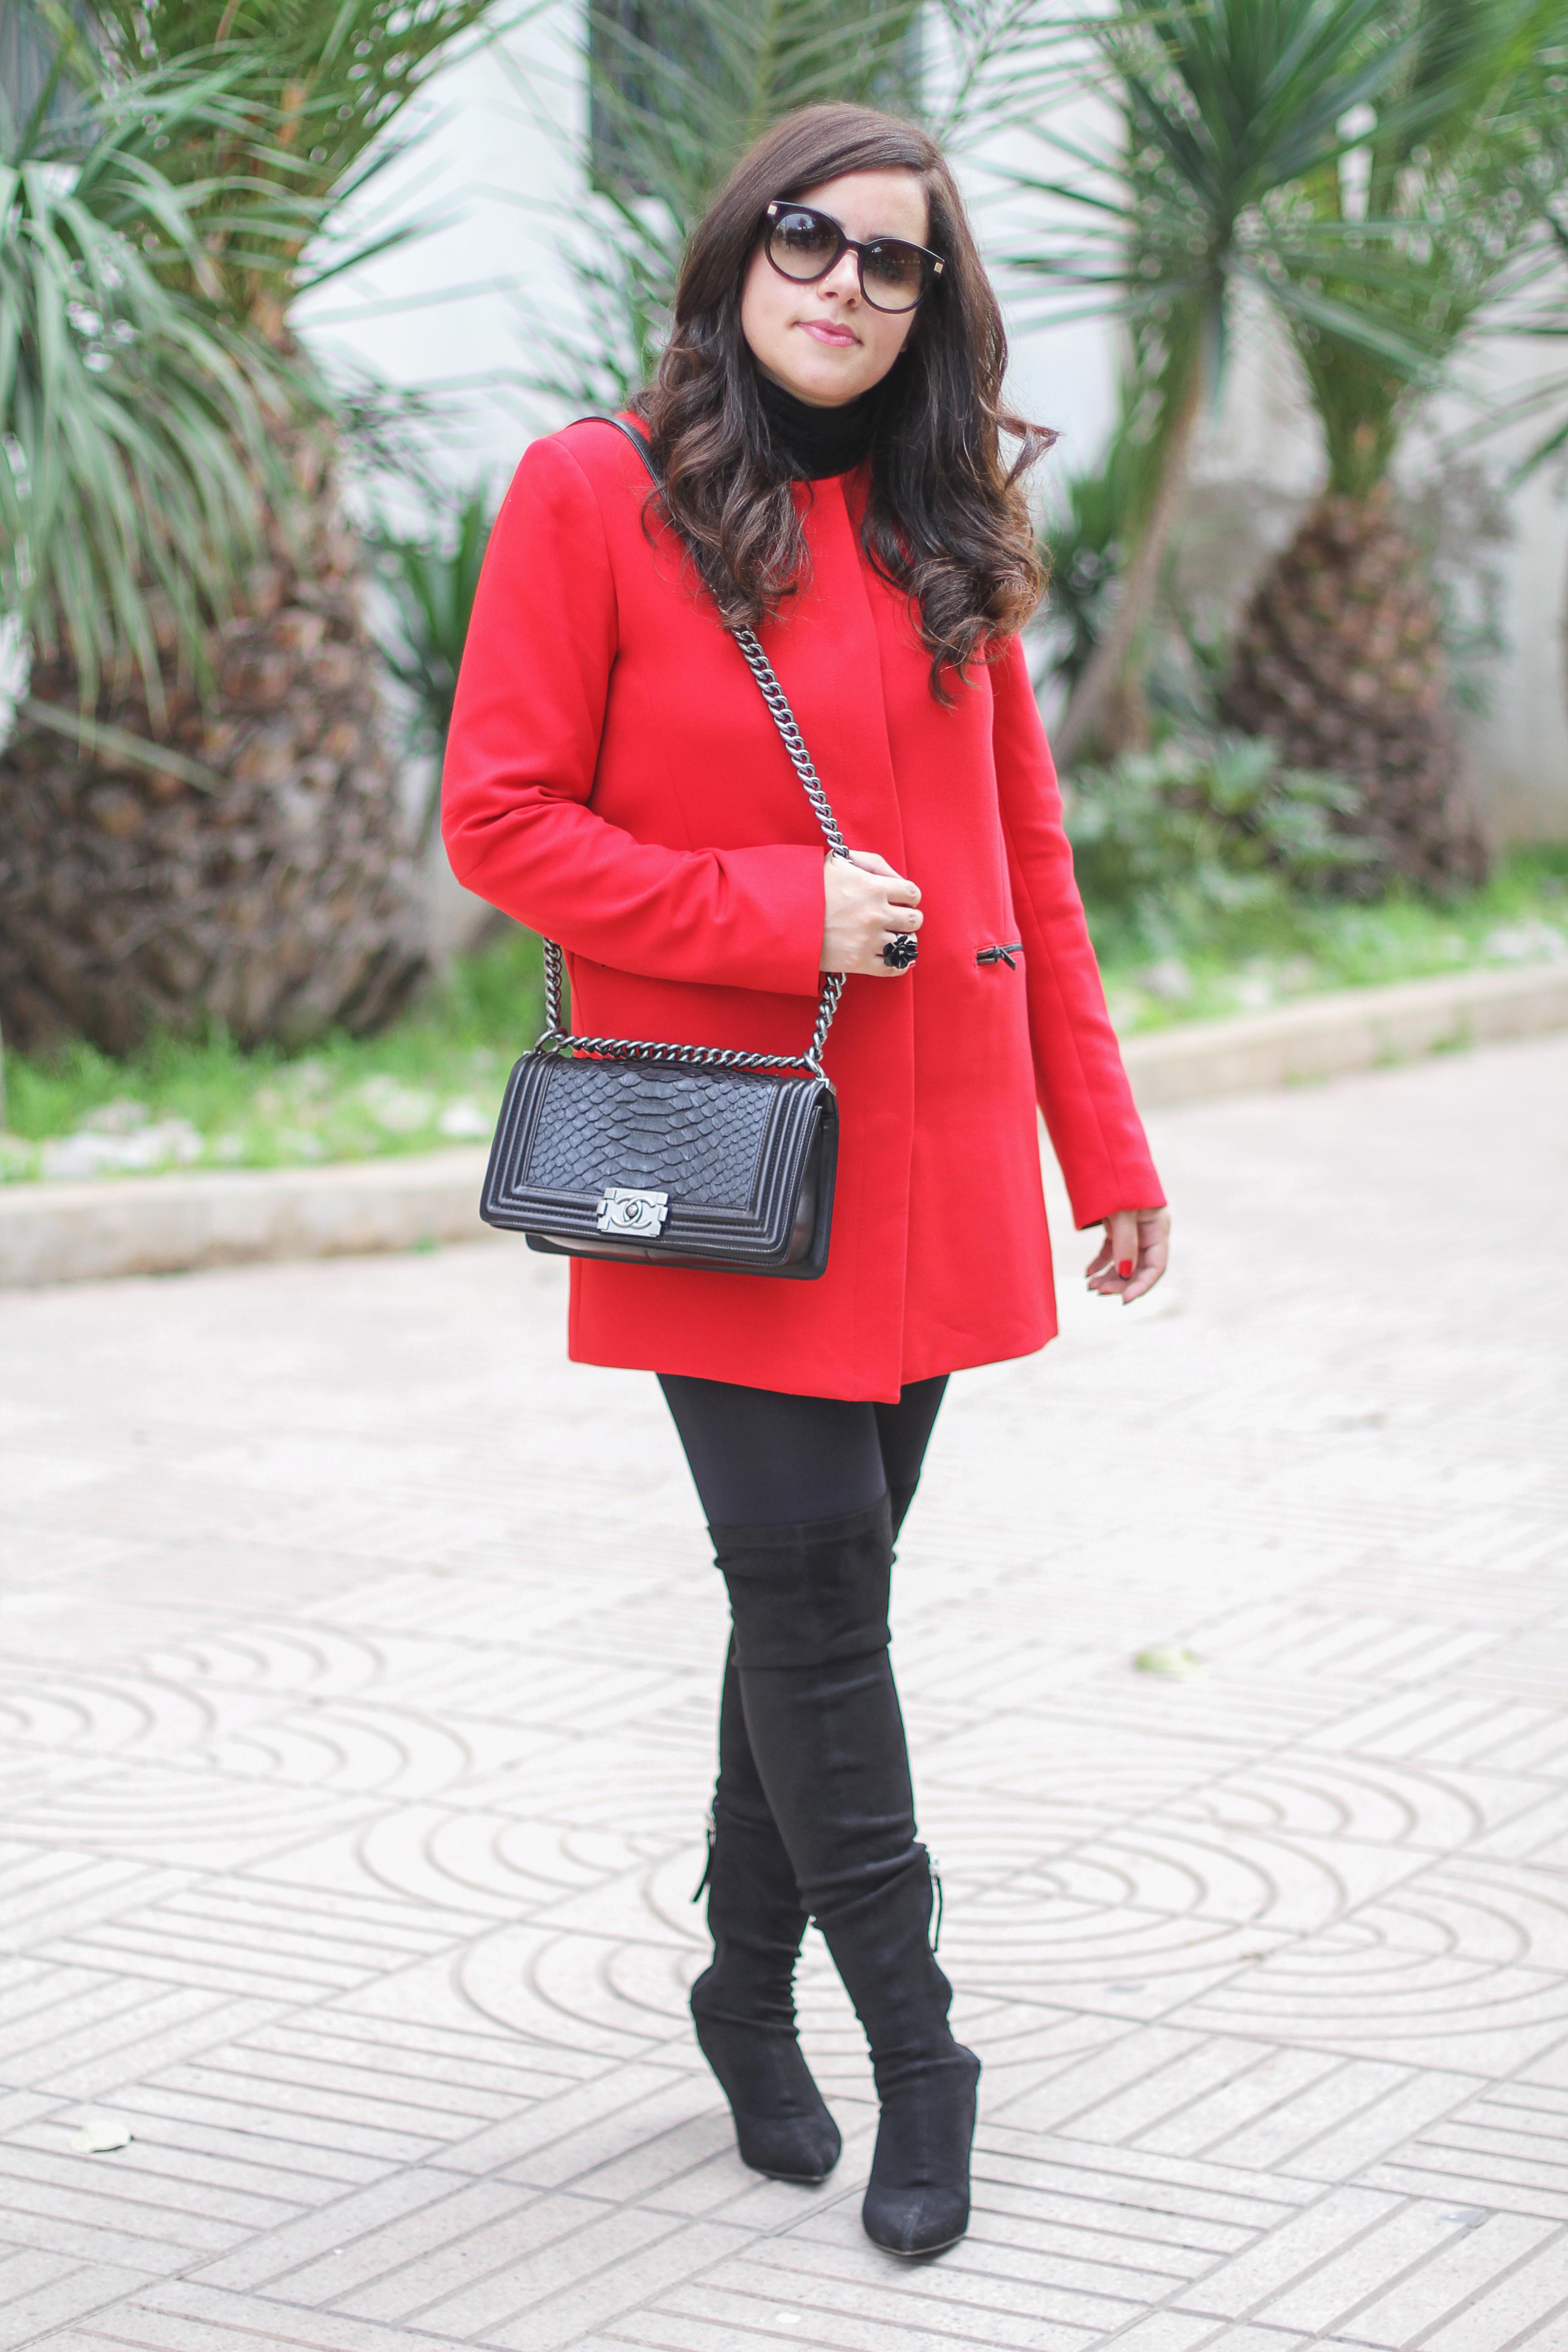 le-rouge-et-le-noir-chiccarpediem-blog-mode-